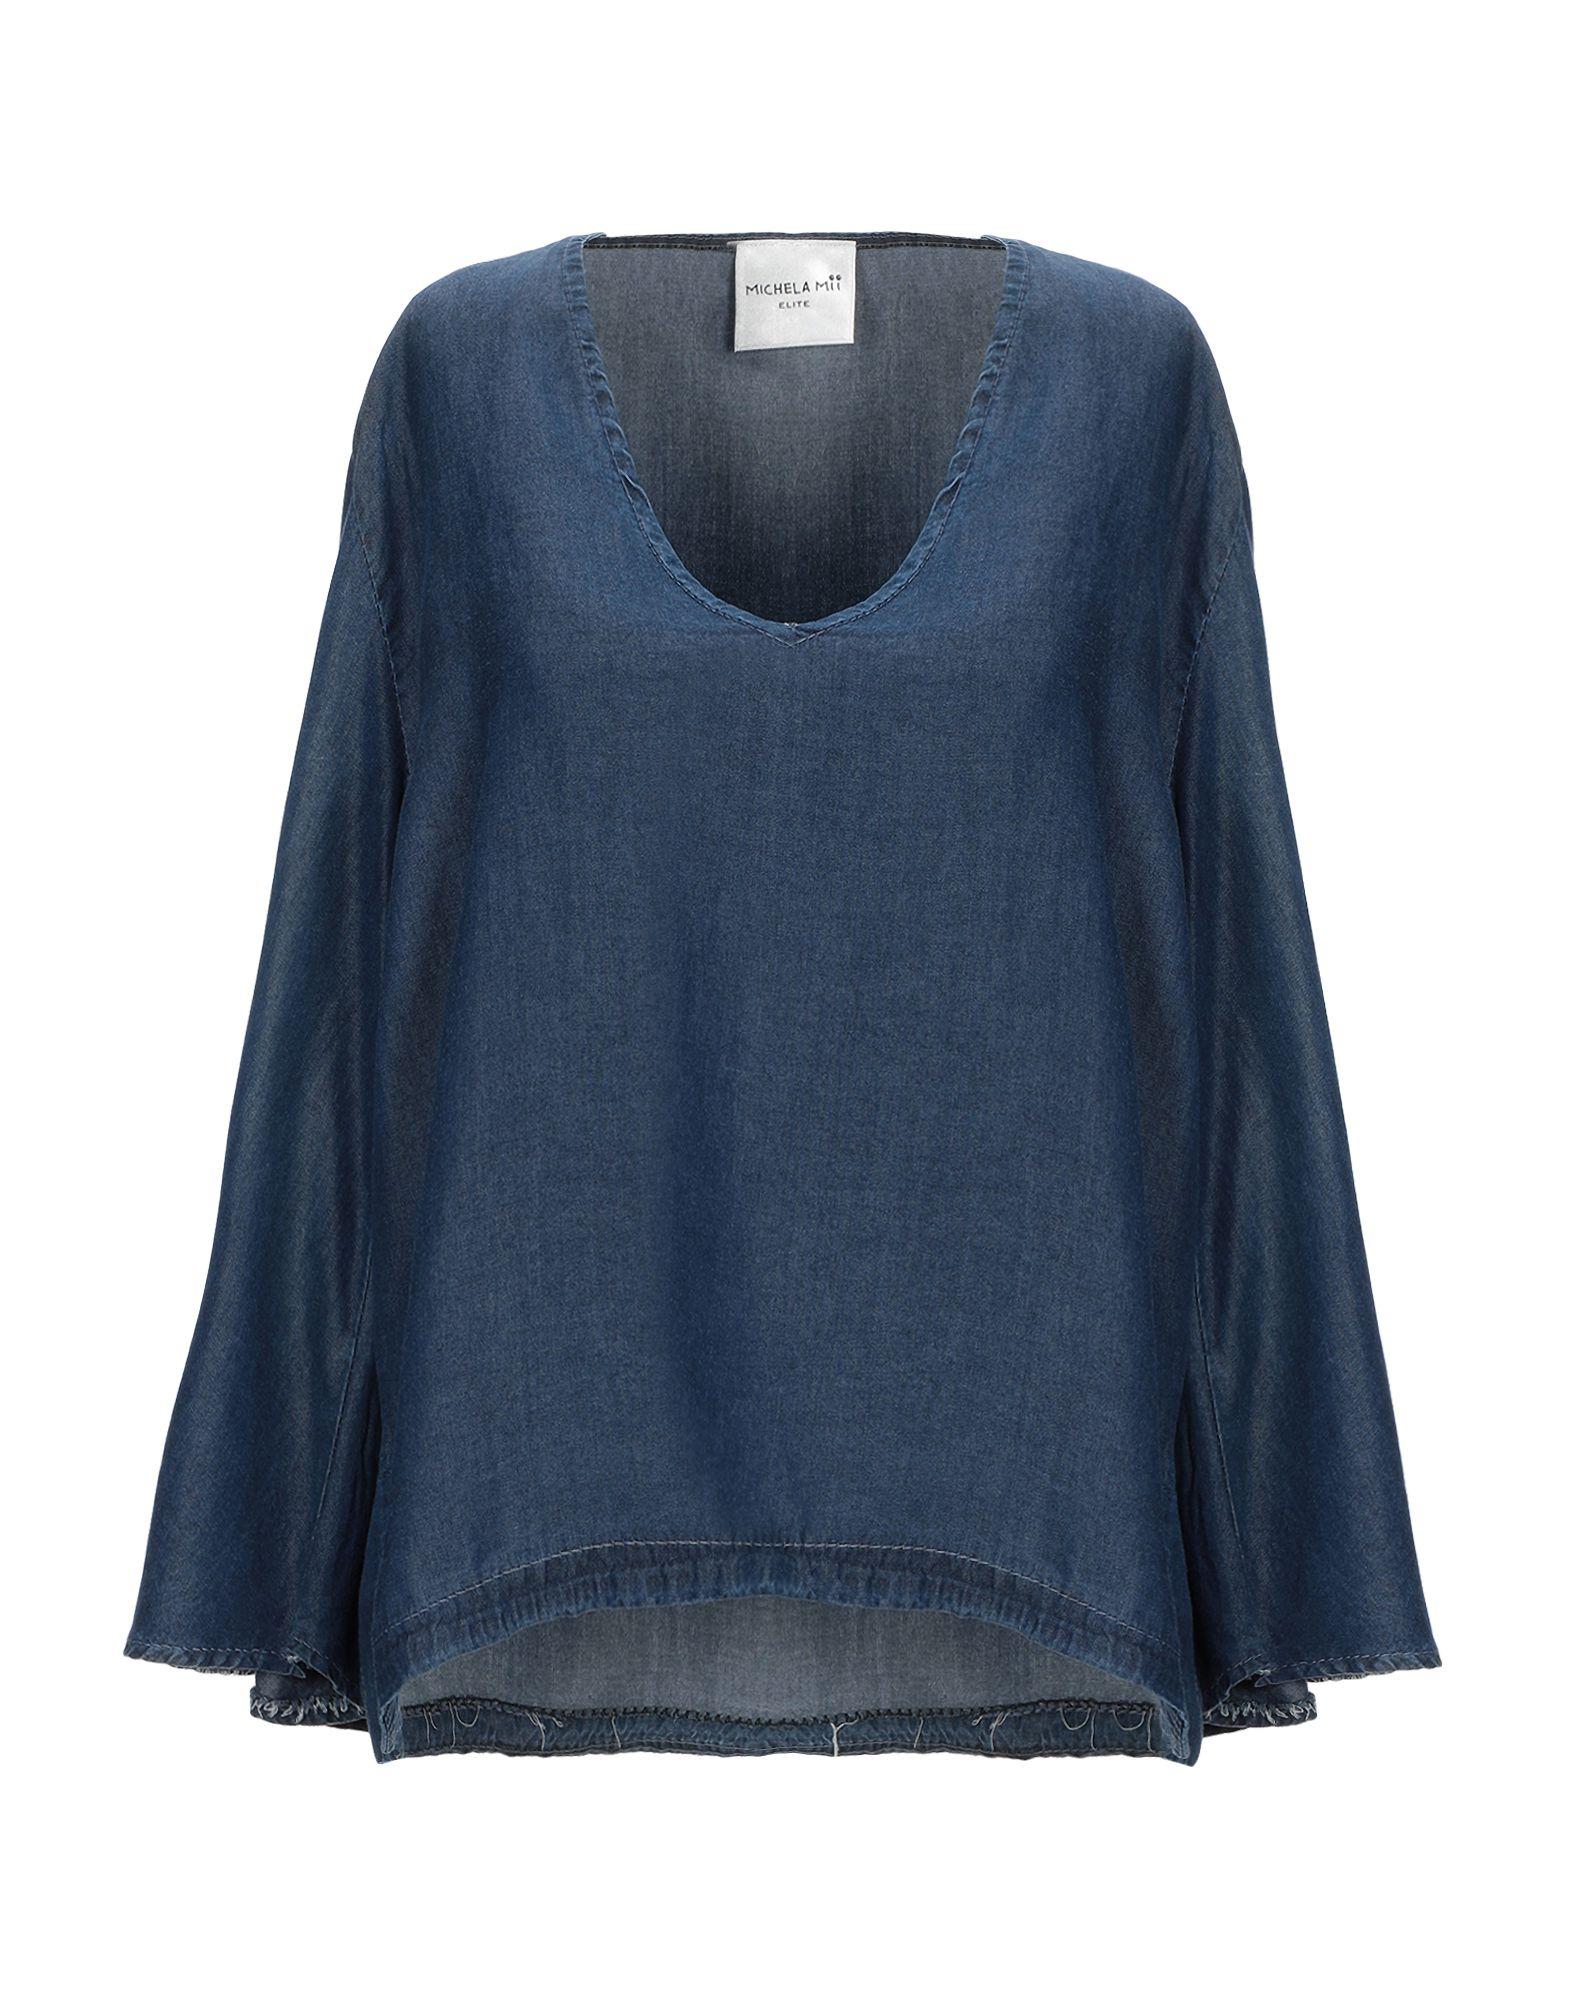 Фото - MICHELA MII Джинсовая рубашка michela mii юбка длиной 3 4